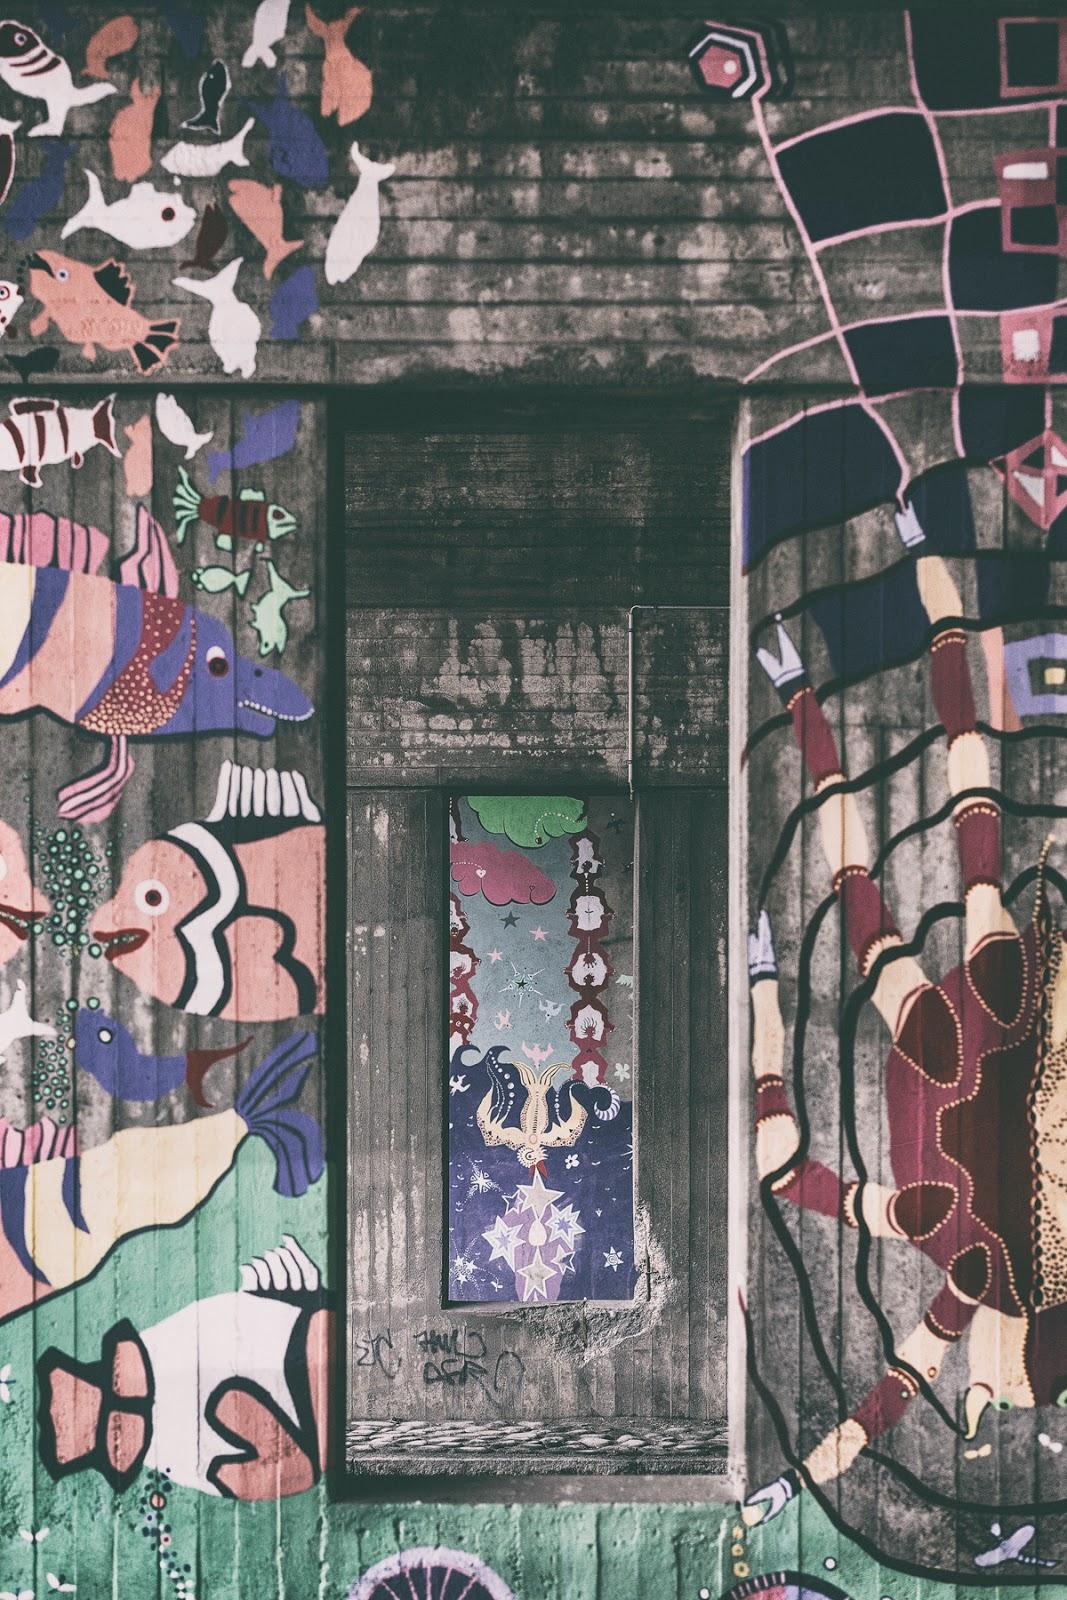 Helsinki, suomi, finland, myhelsinki, visithelsinki, vallila, kallio, teollisuuskatu, outdoors, outdoorphotography, photographerlife, valokuvaaja, Frida Steiner, Visualaddict, visualaddictfrida, kaupunki, streetlife, streetphotography